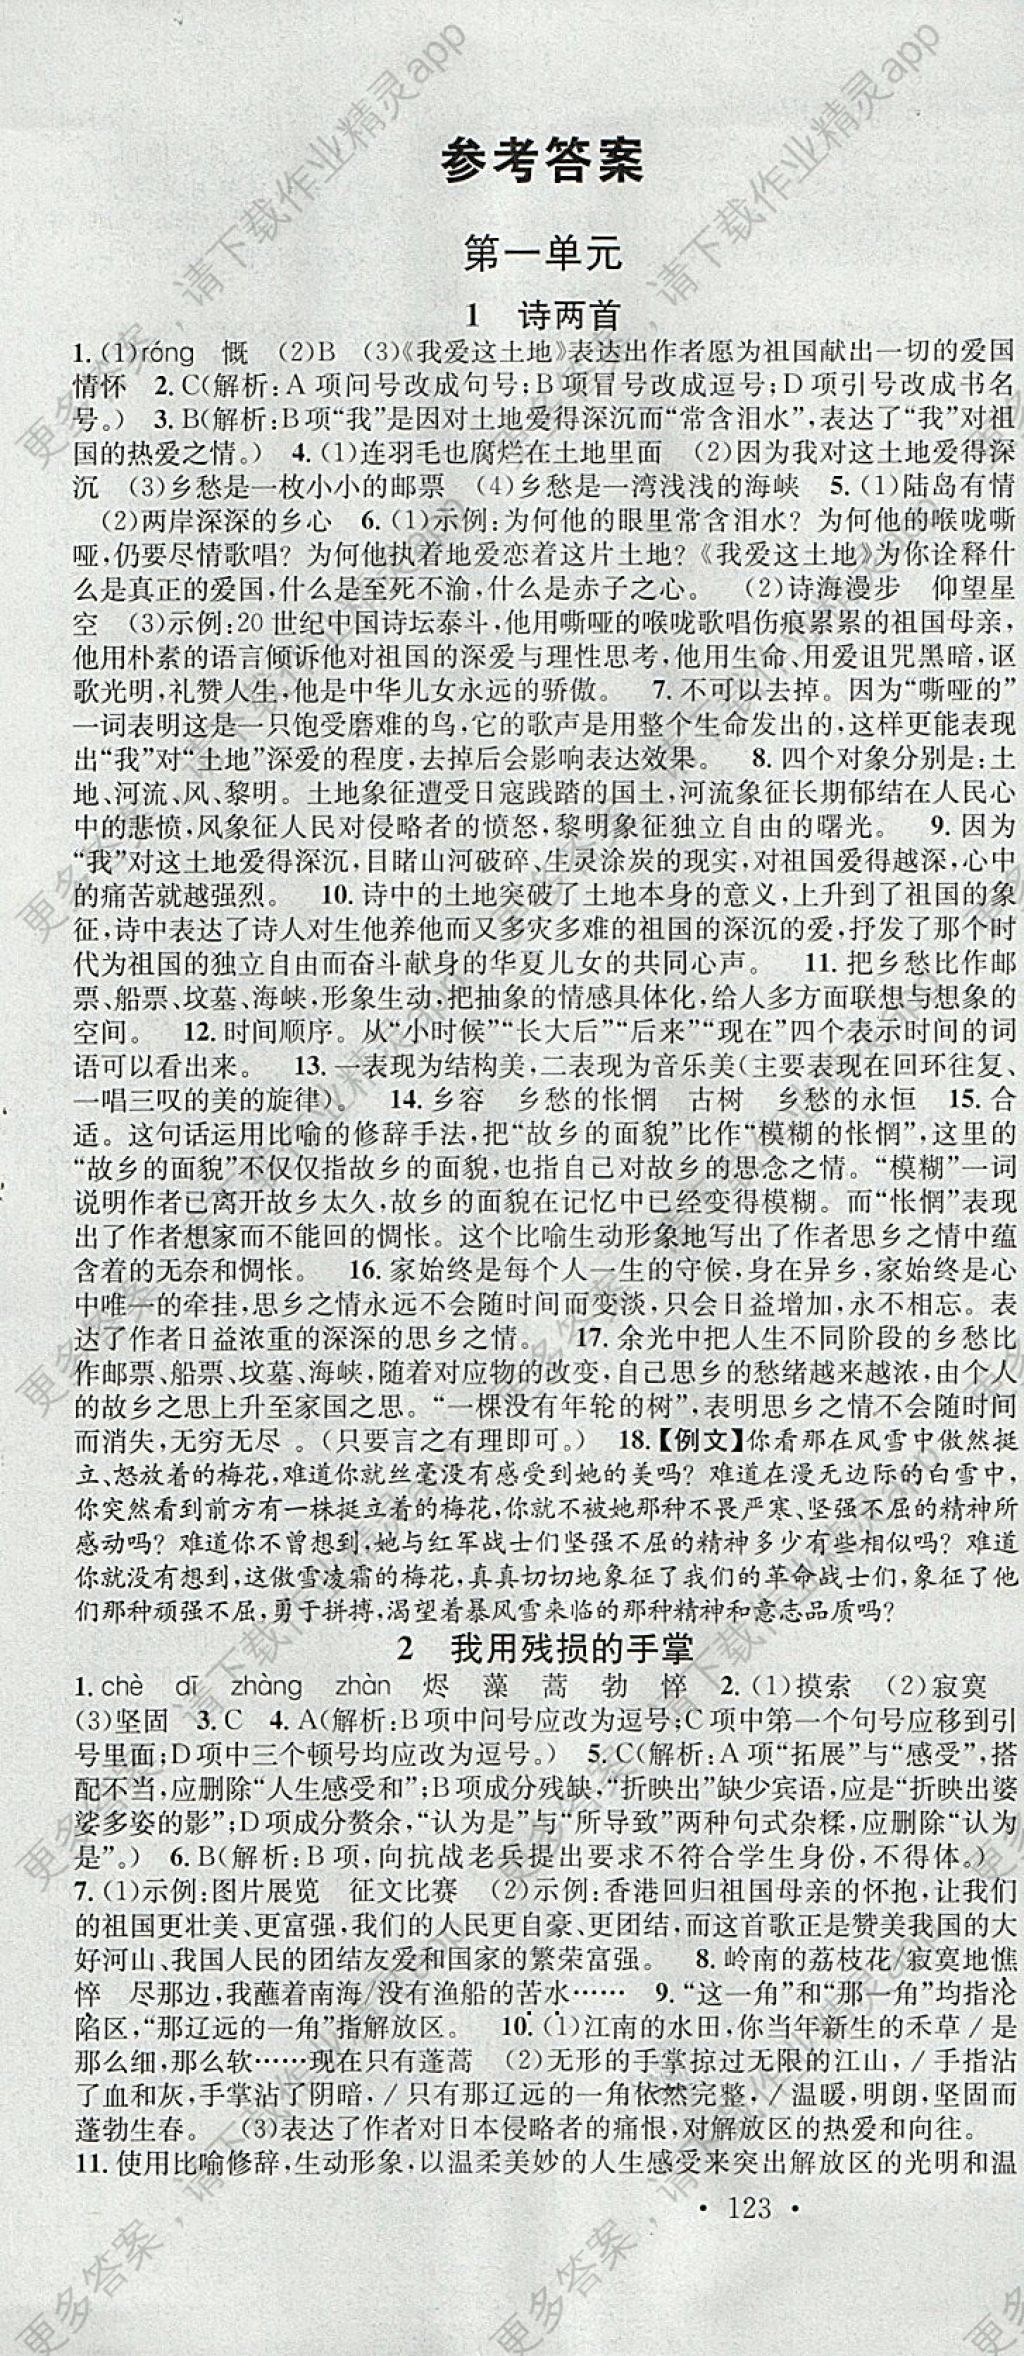 2018年名校课堂滚动学习法九年级语文下册人教版黑龙江教育出版社 参考答案第1页